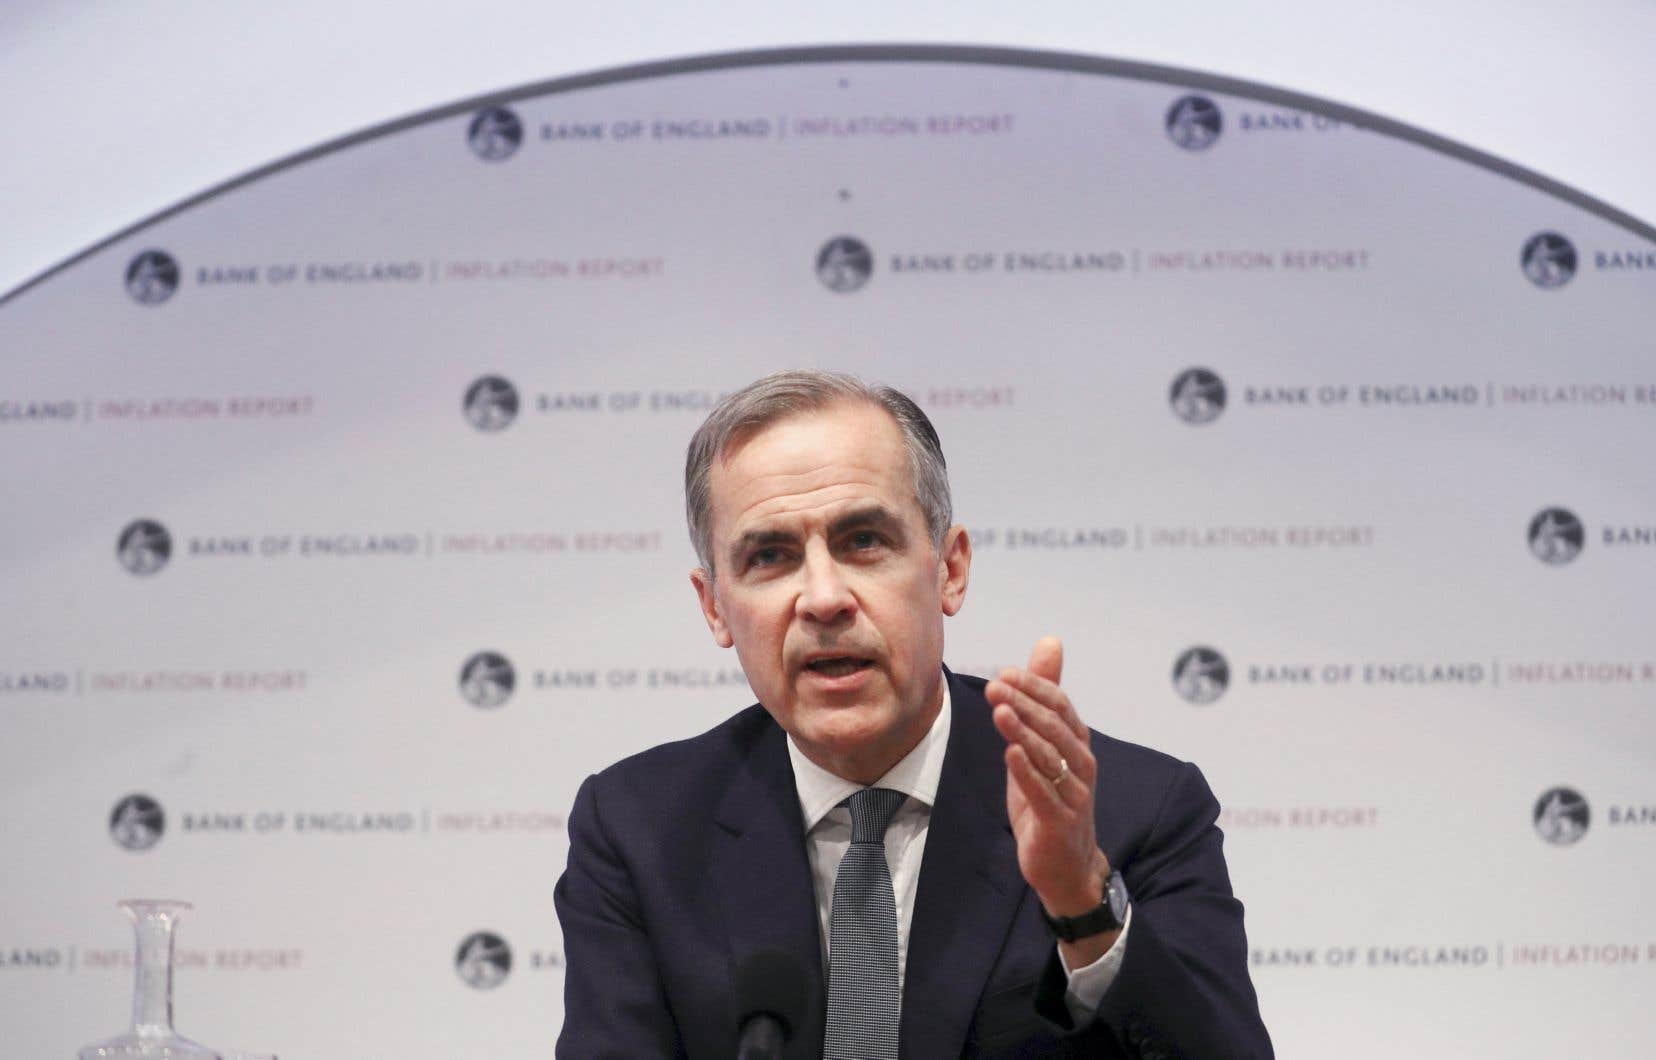 Ces derniers mois, le gouverneur de la Banque d'Angleterre, Mark Carney, s'est illustré par ses positions à l'égard des cryptomonnaies et par son engagement en faveur du climat.